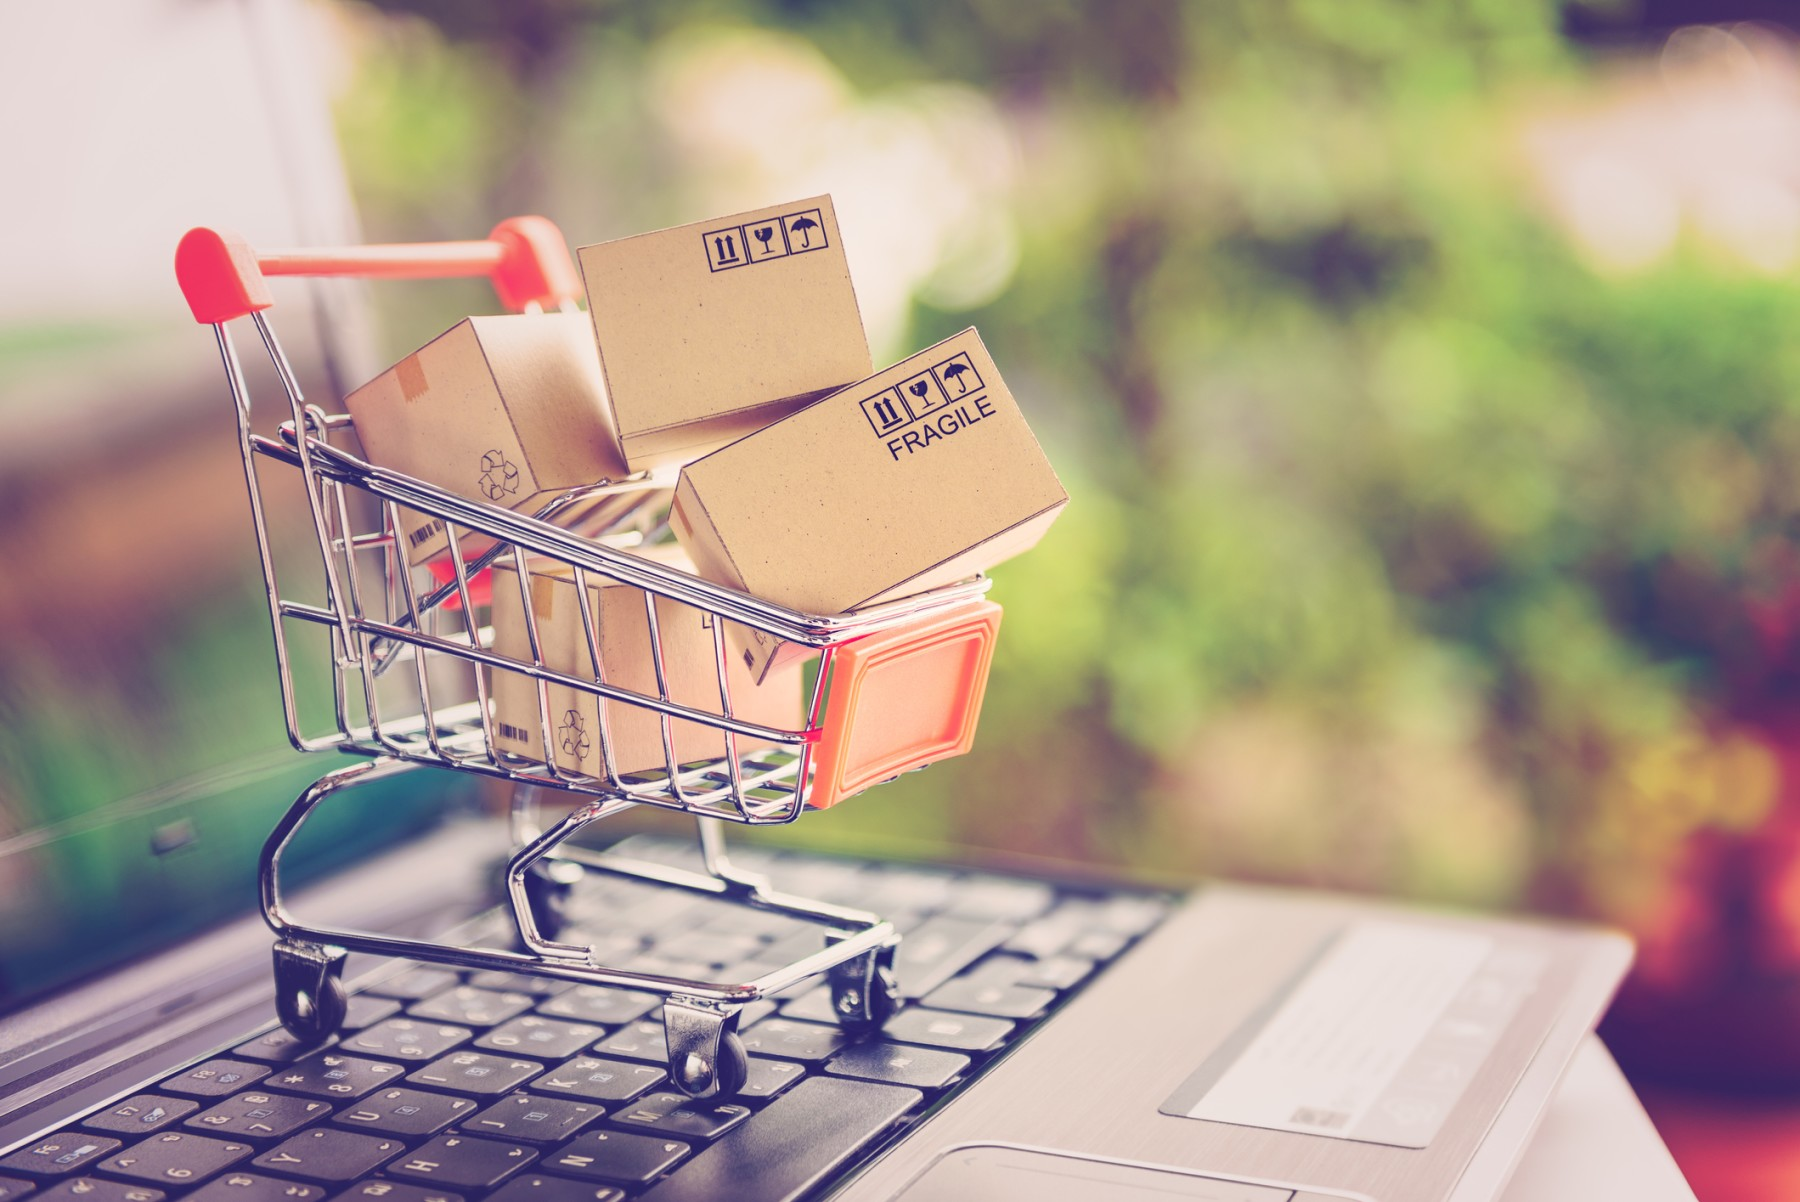 Aumentó la confianza en los consumidores a la hora de comprar